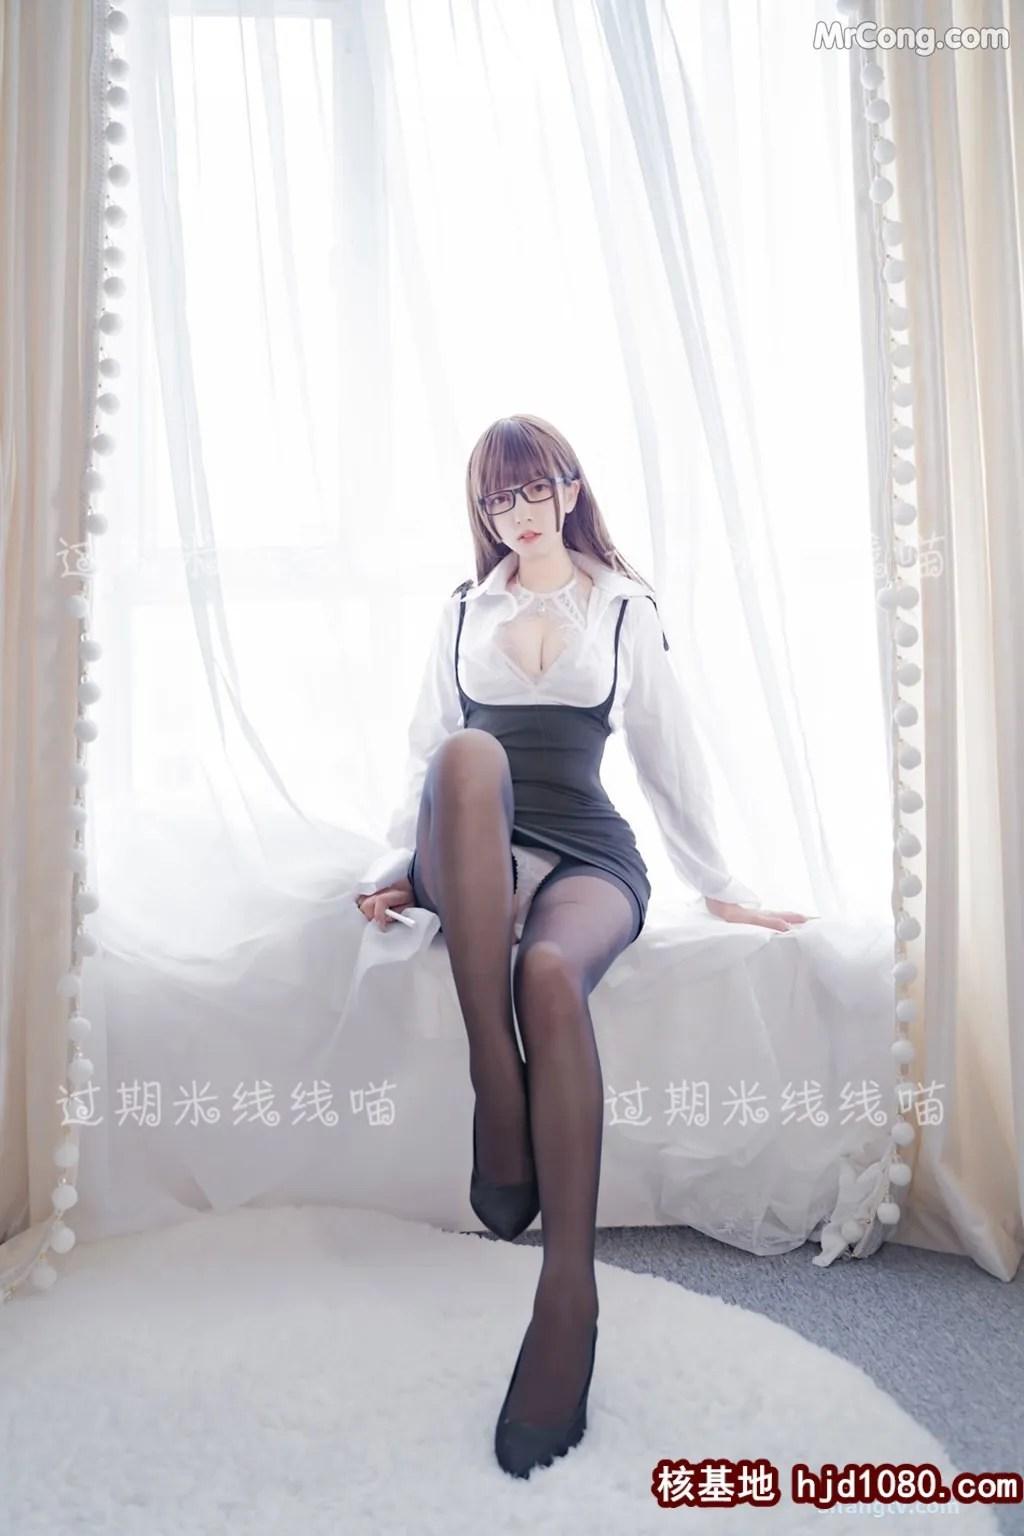 图片[11] - Coser @ 过期 米线 线 喵 OL 情欲 (24P) - 唯独你没懂